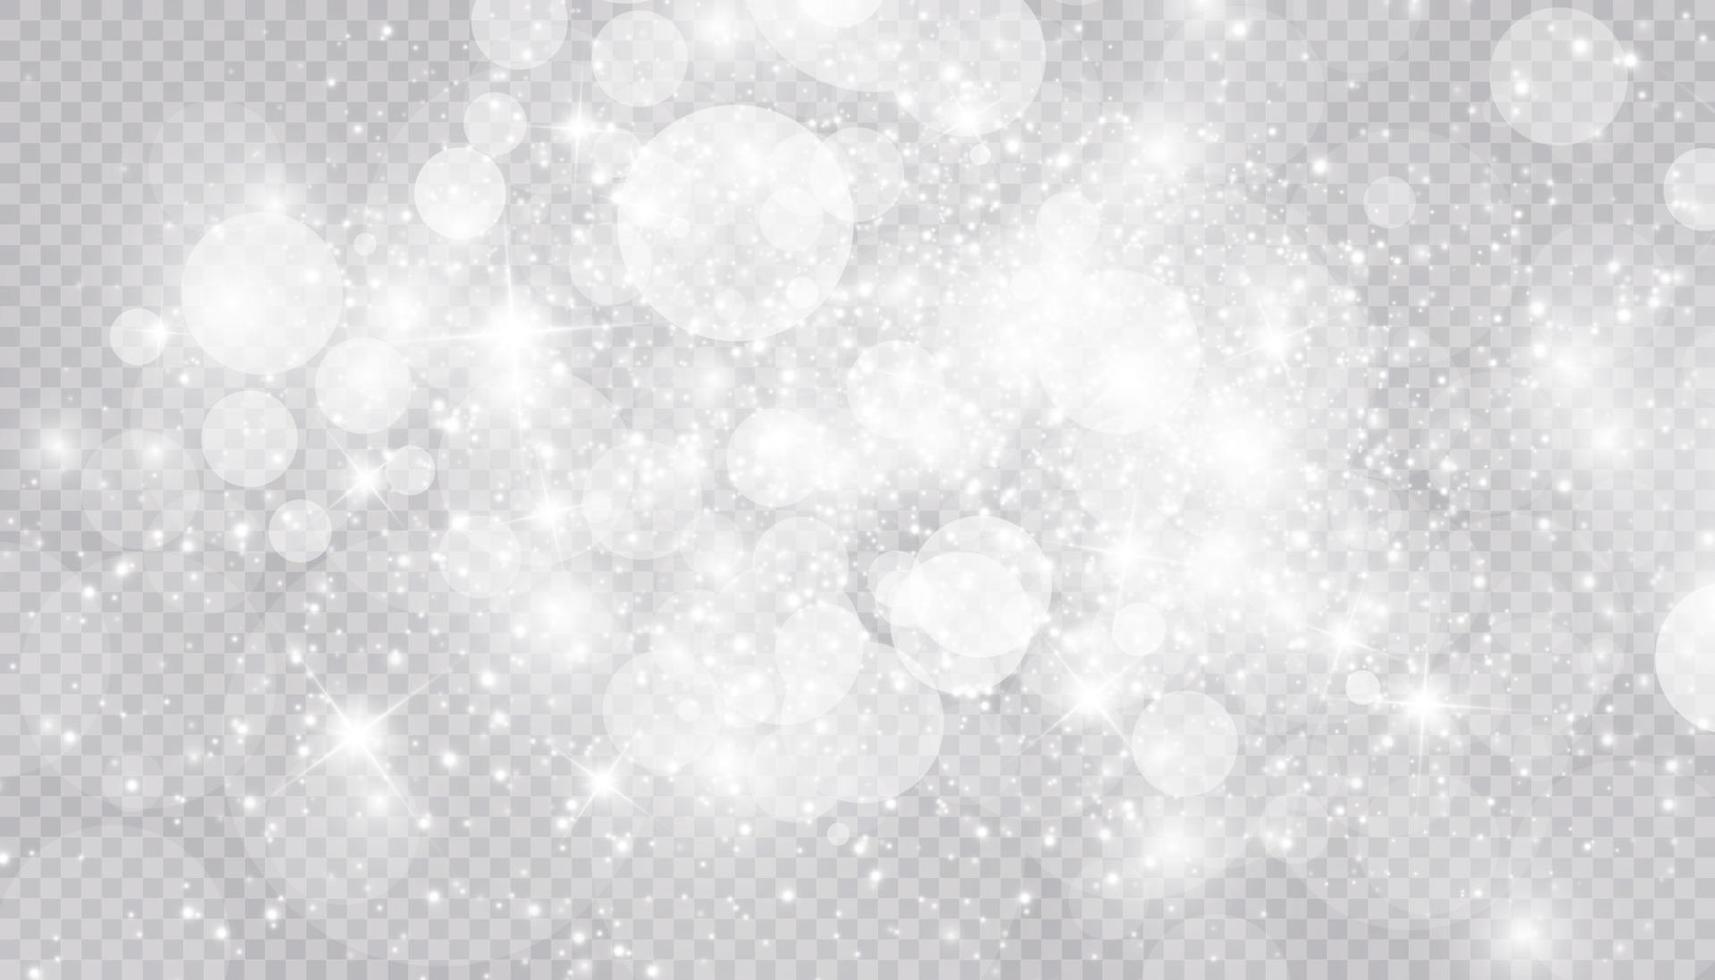 gloeiend lichteffect met veel glitterdeeltjes geïsoleerde achtergrond. vector sterrenwolk met stof. magische kerstversiering